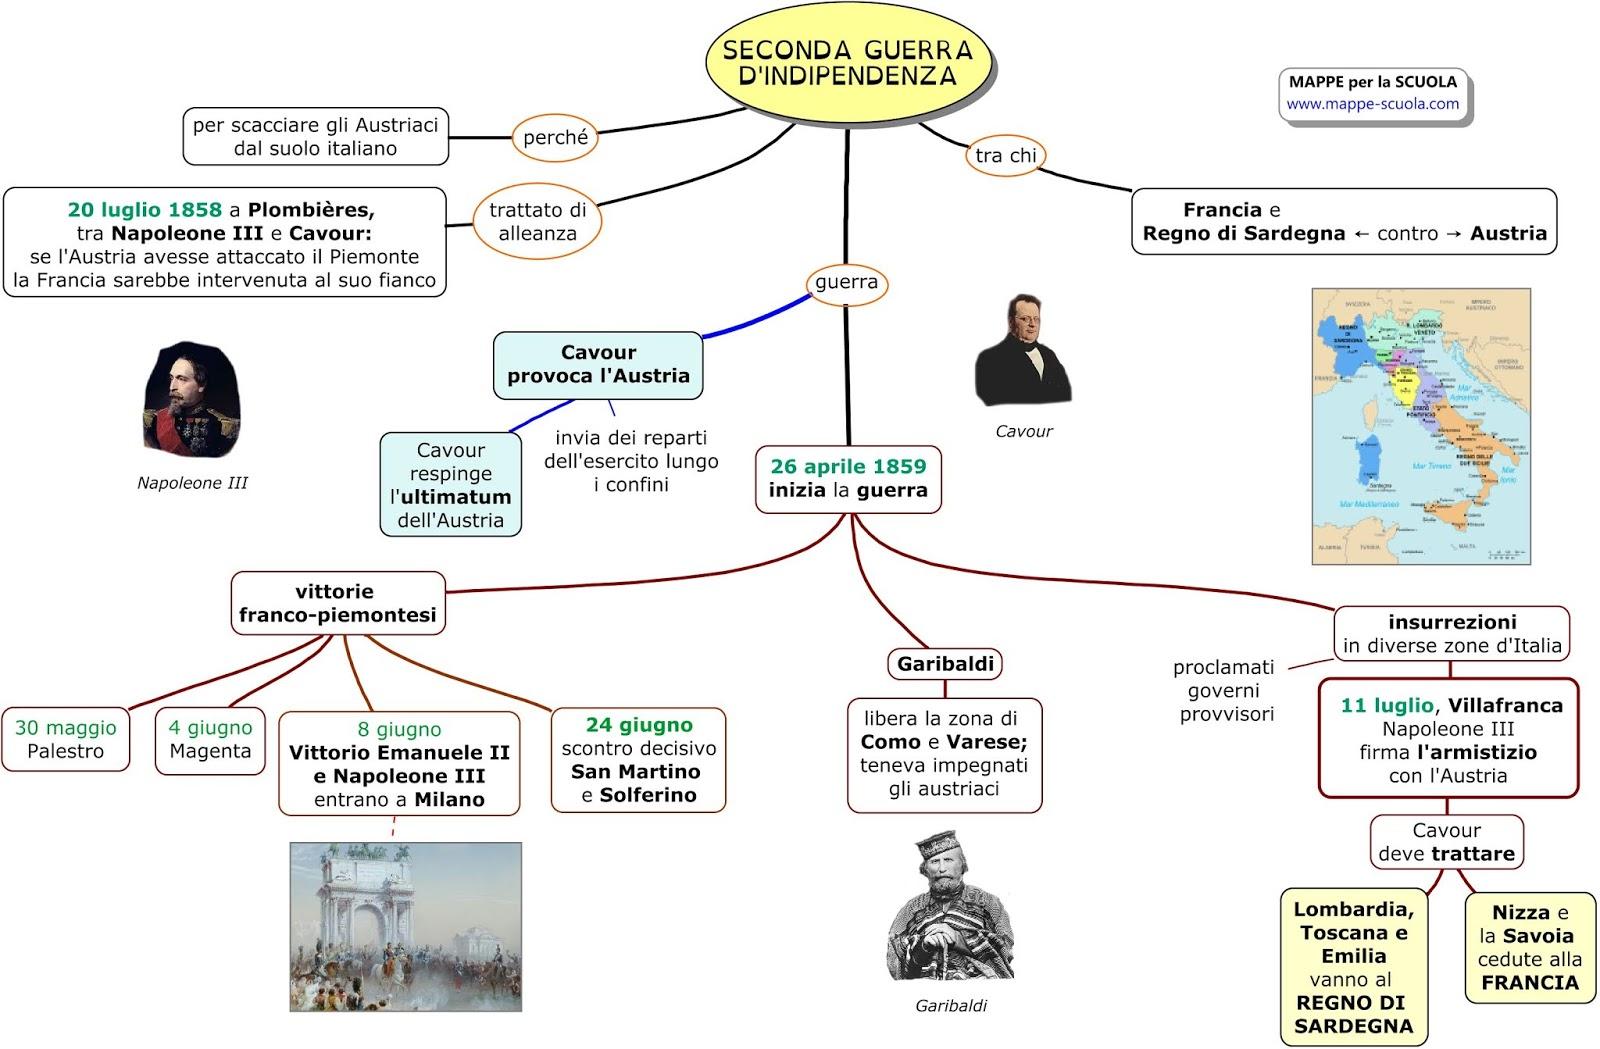 Mappe Per La Scuola Seconda Guerra Dindipendenza